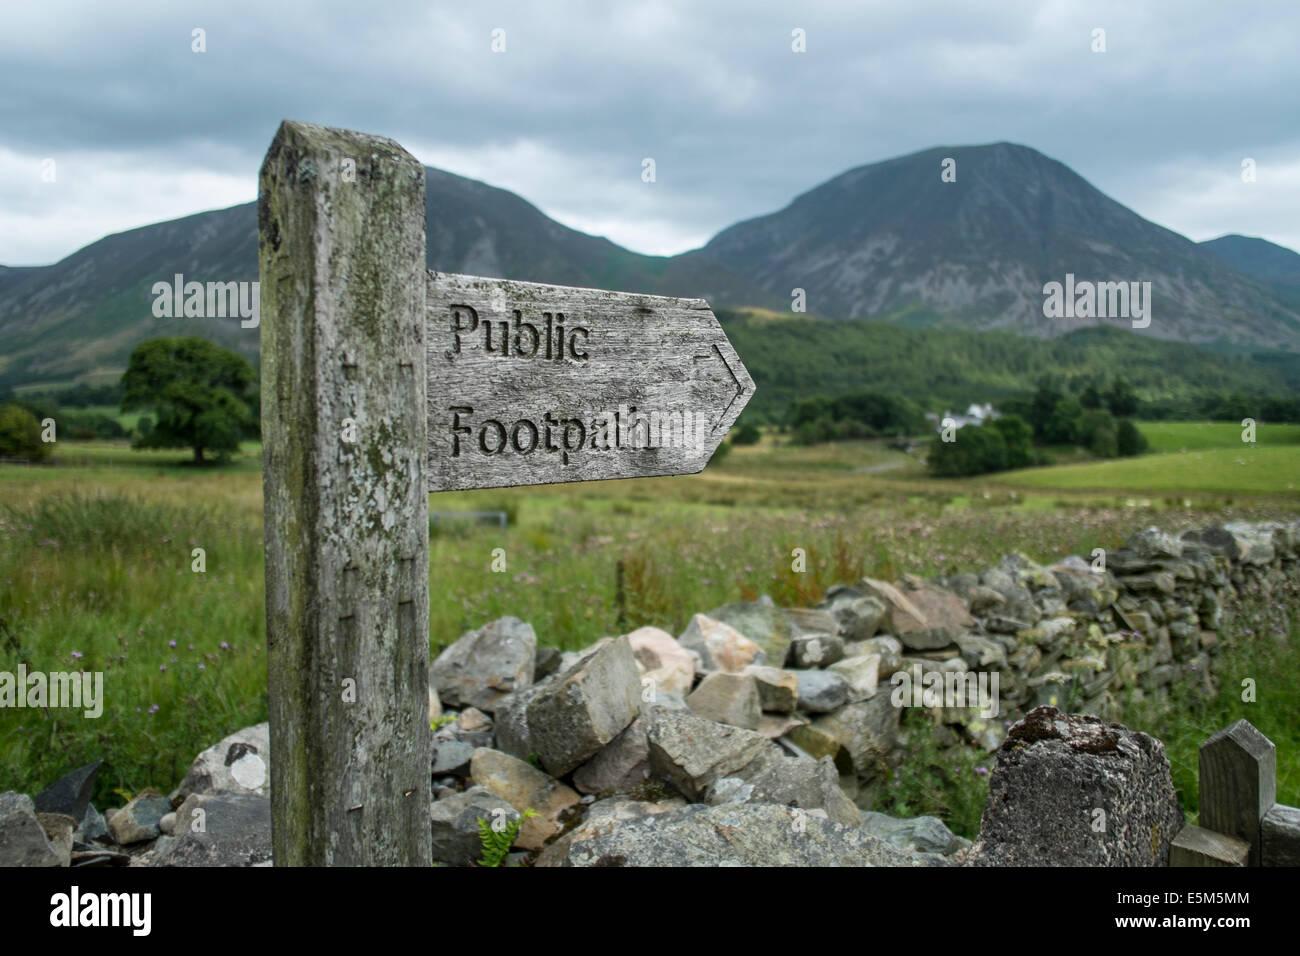 Ein Finger-Post weist den Weg in den Fjälls rund um Crummock Wasser in Englash Lake District, Cumbria, England. Stockbild